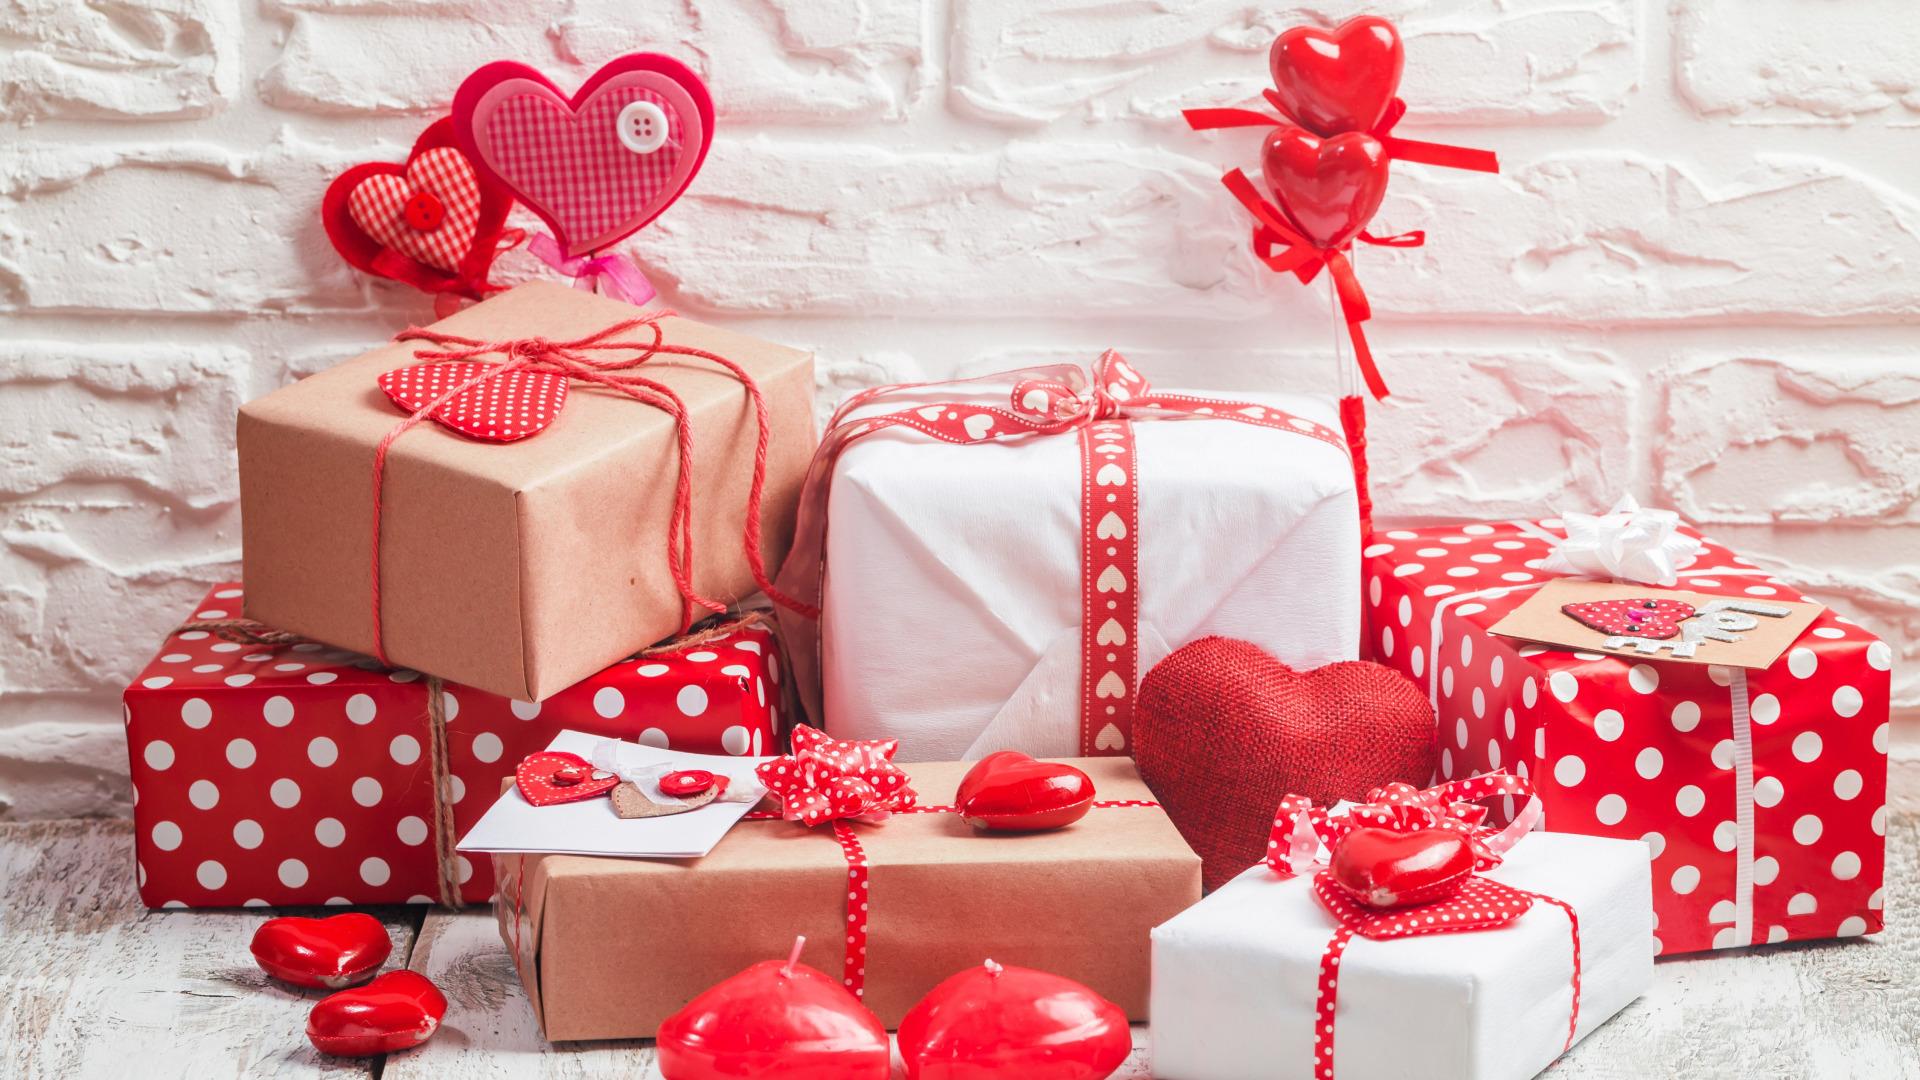 hình ảnh happy valentine